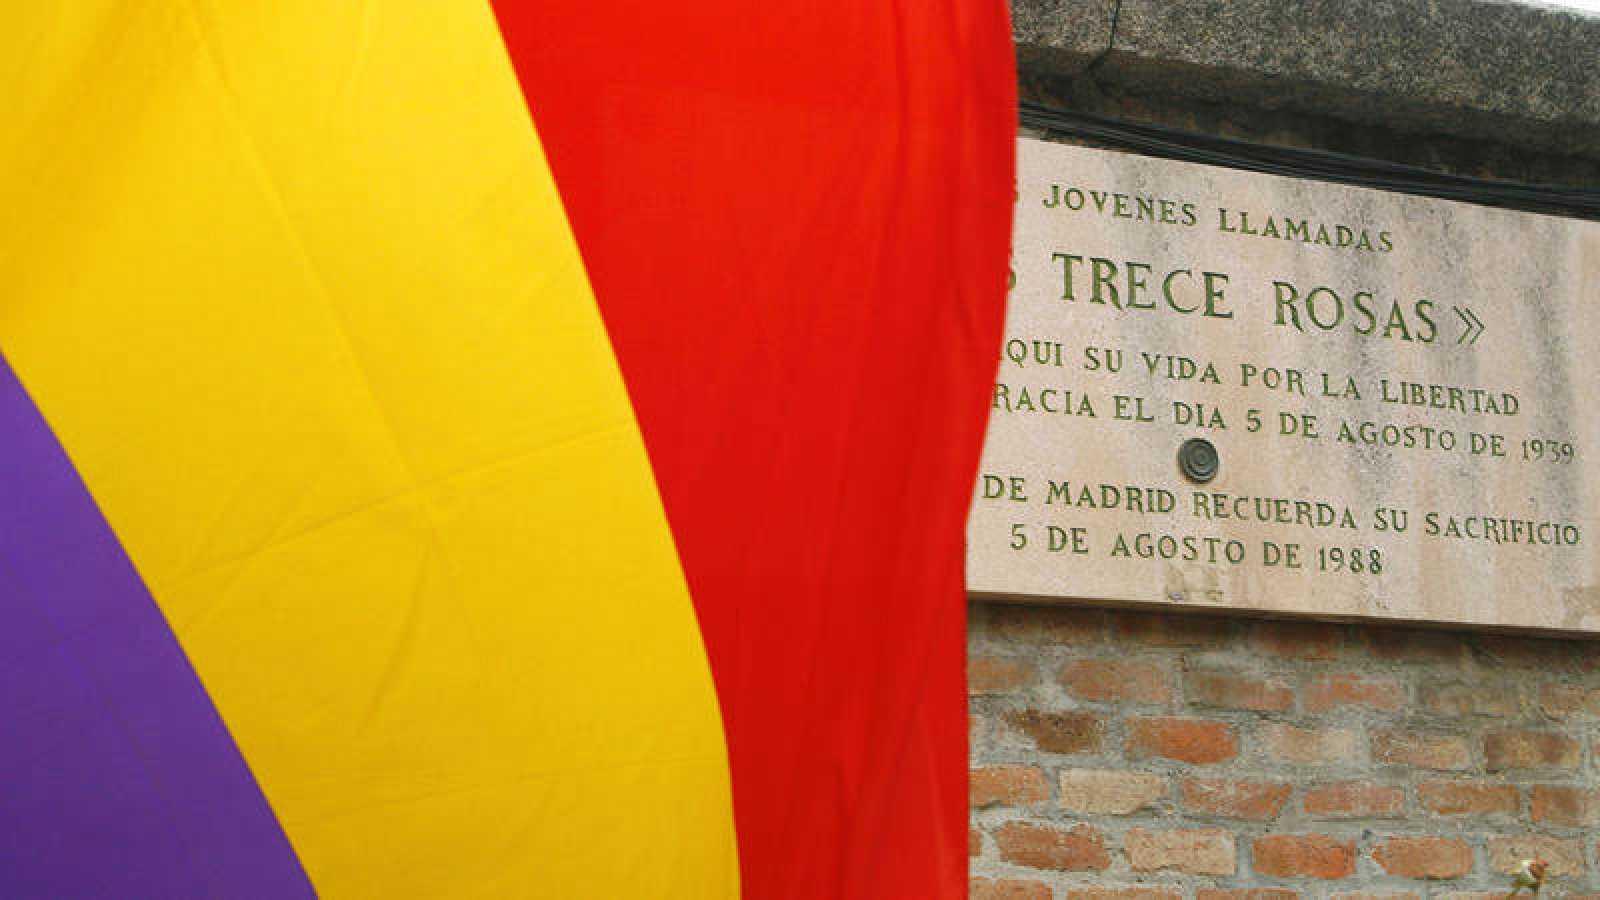 Una bandera republicana ondea junto a la placa que recuerda en el cementerio de la Almudena a las Trece Rosas